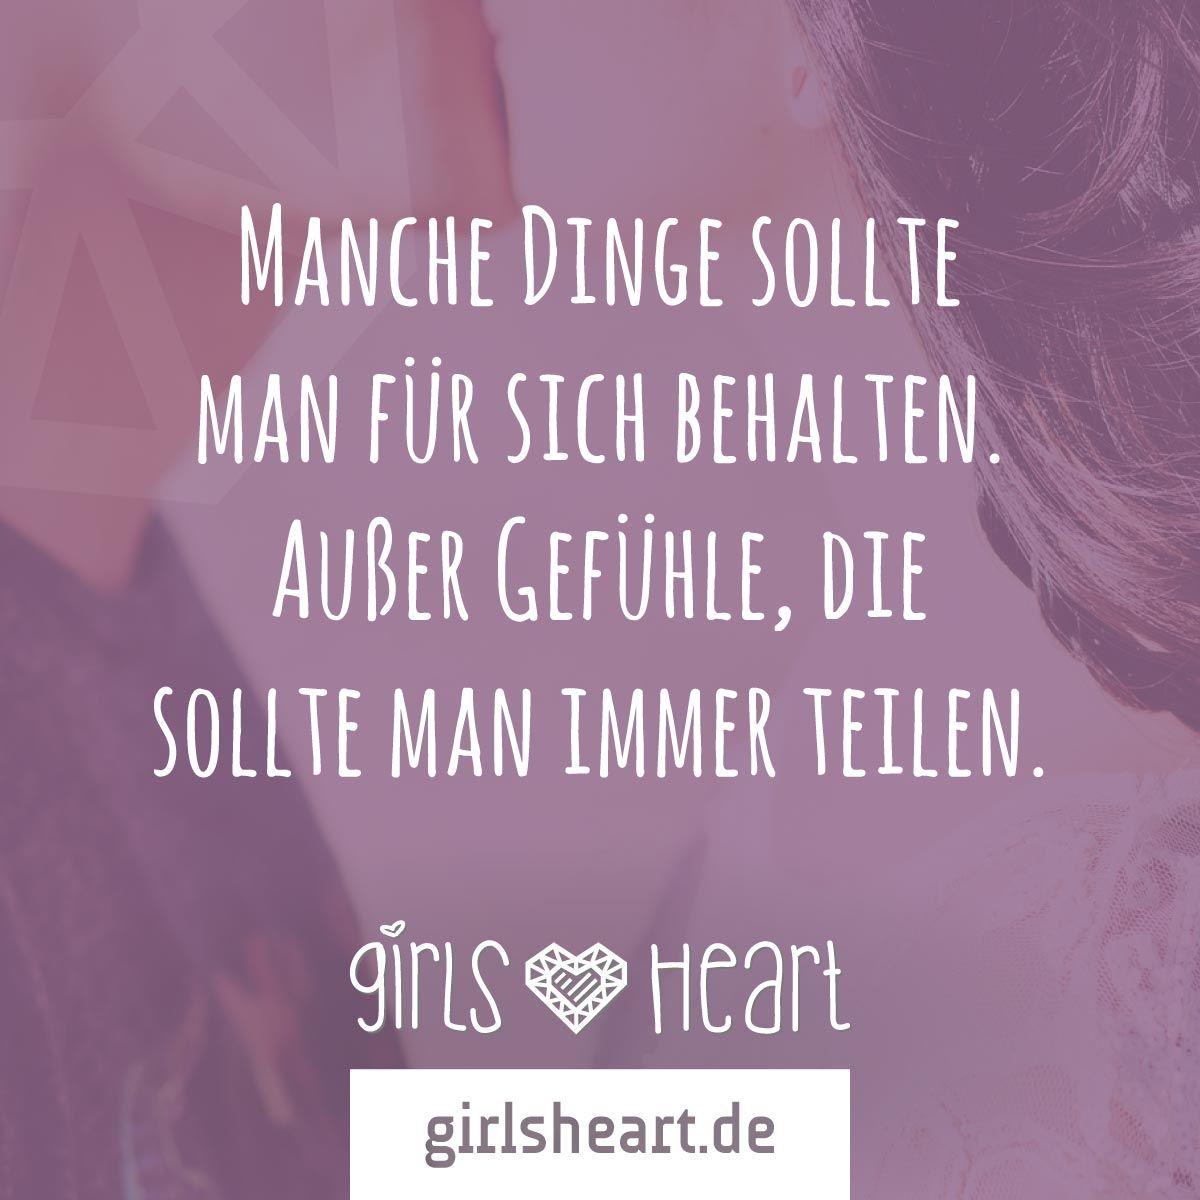 sprüche liebe ist ein gefühl Mehr Sprüche auf: .girlsheart.de #gefühl #liebe #gefühle #herz  sprüche liebe ist ein gefühl